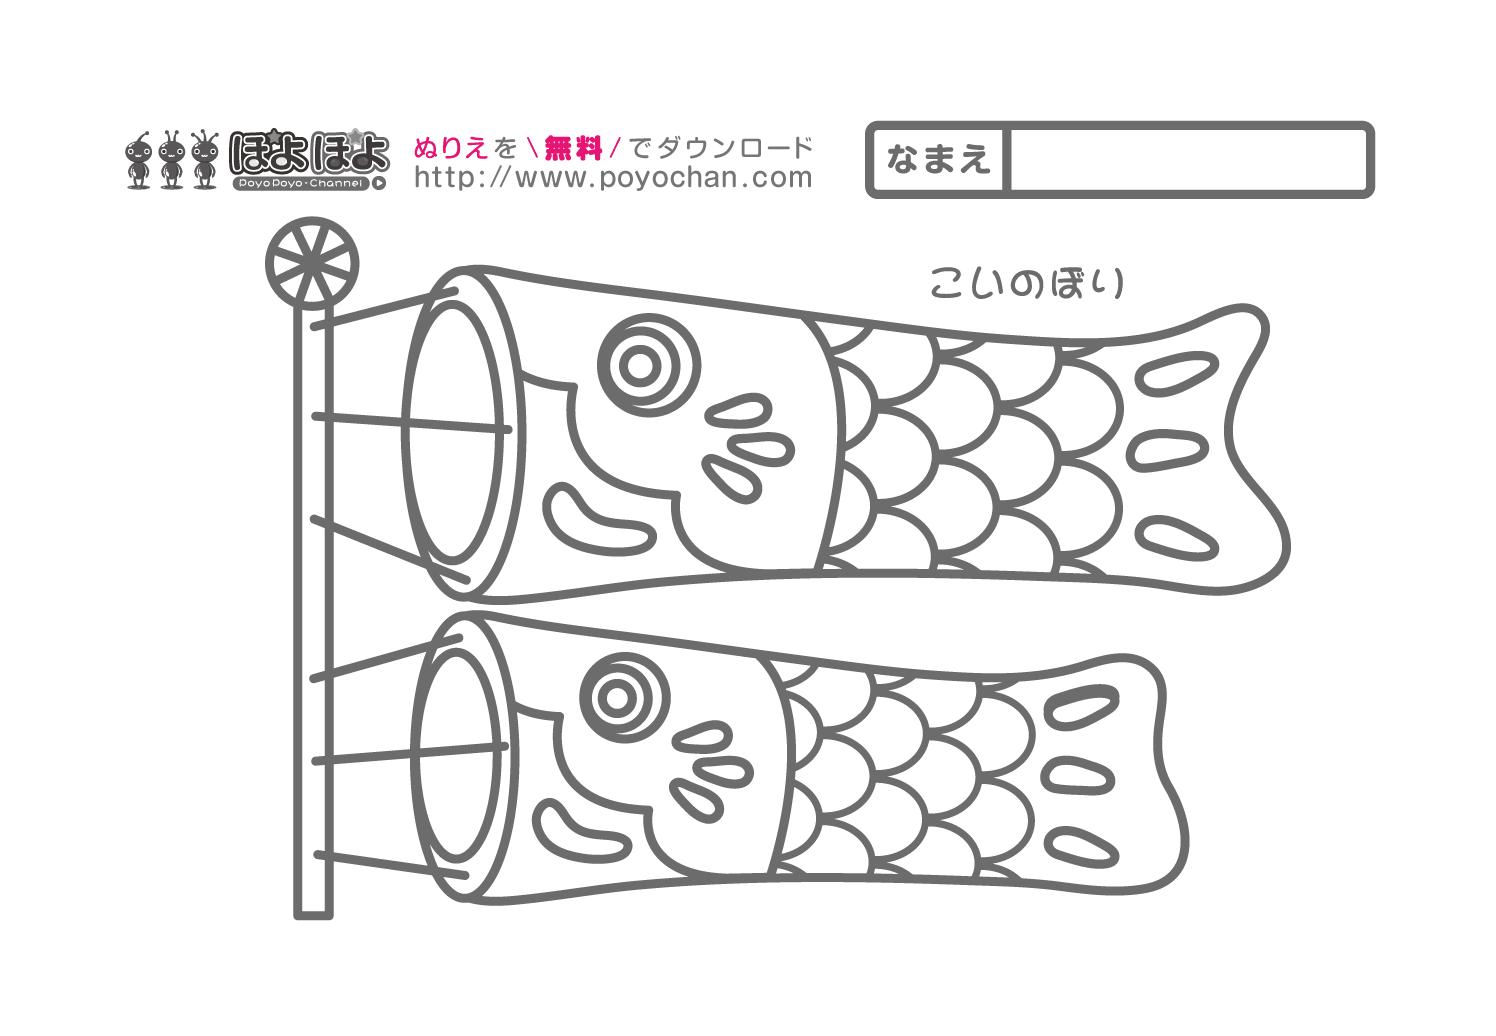 5月の無料ぬりえ鯉のぼり02こどもの日 知育アニメと無料ぬりえ